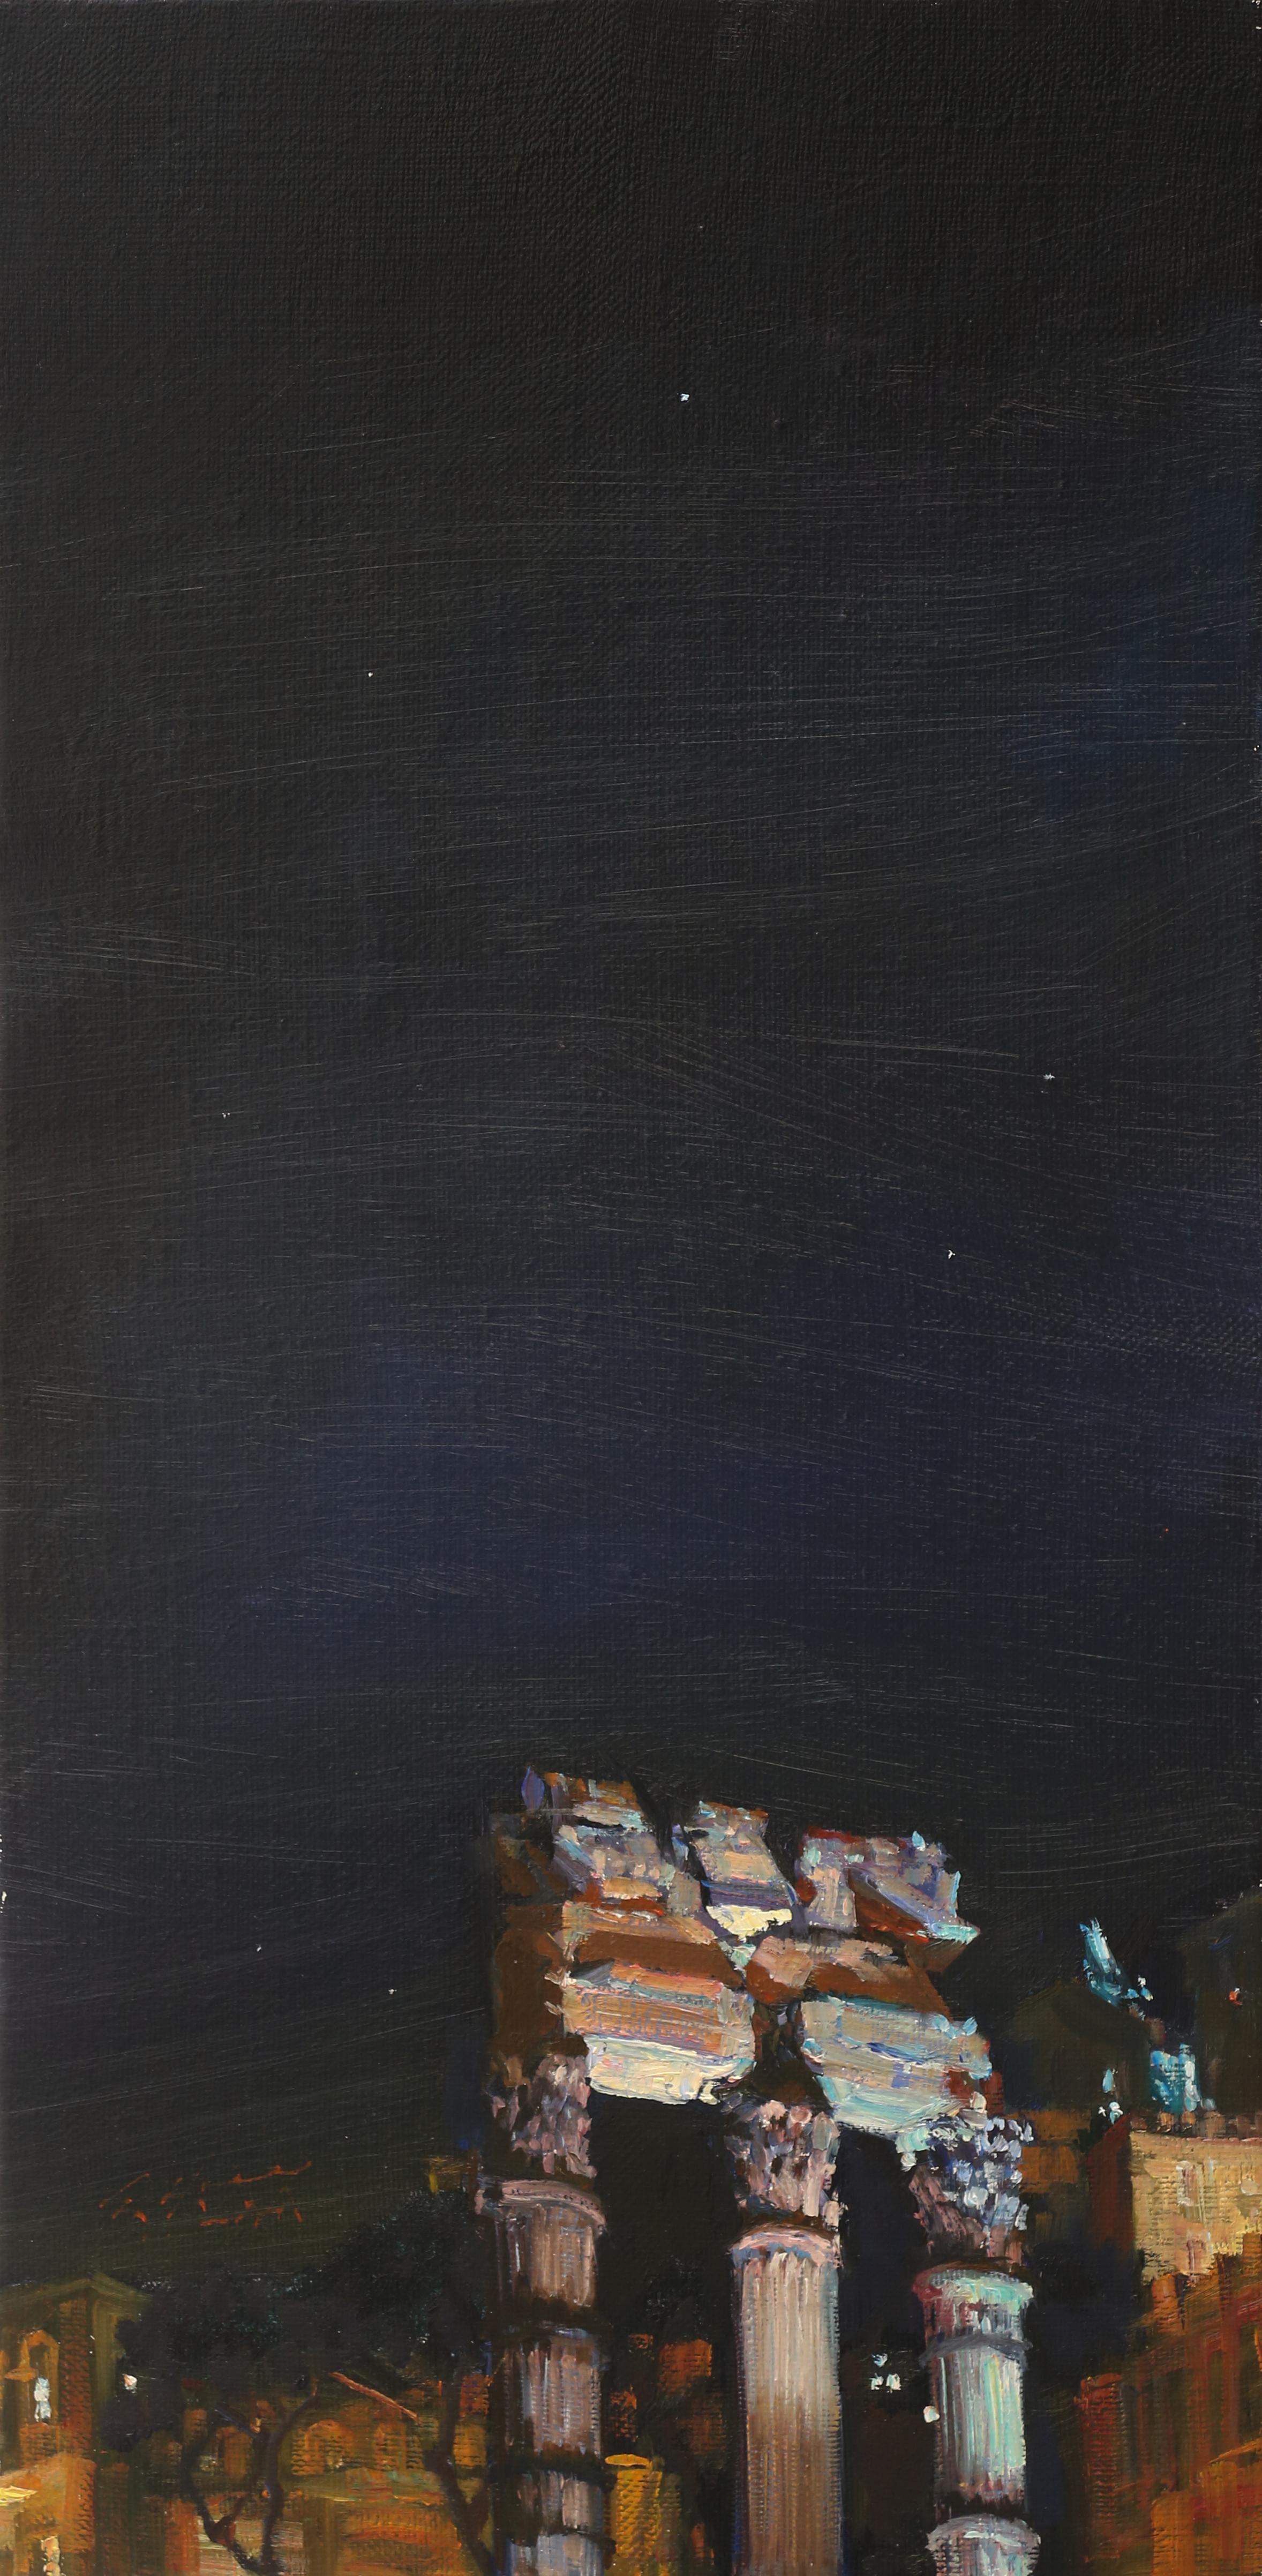 신화의 도시45.5x22.5 Oil on canvas 2014